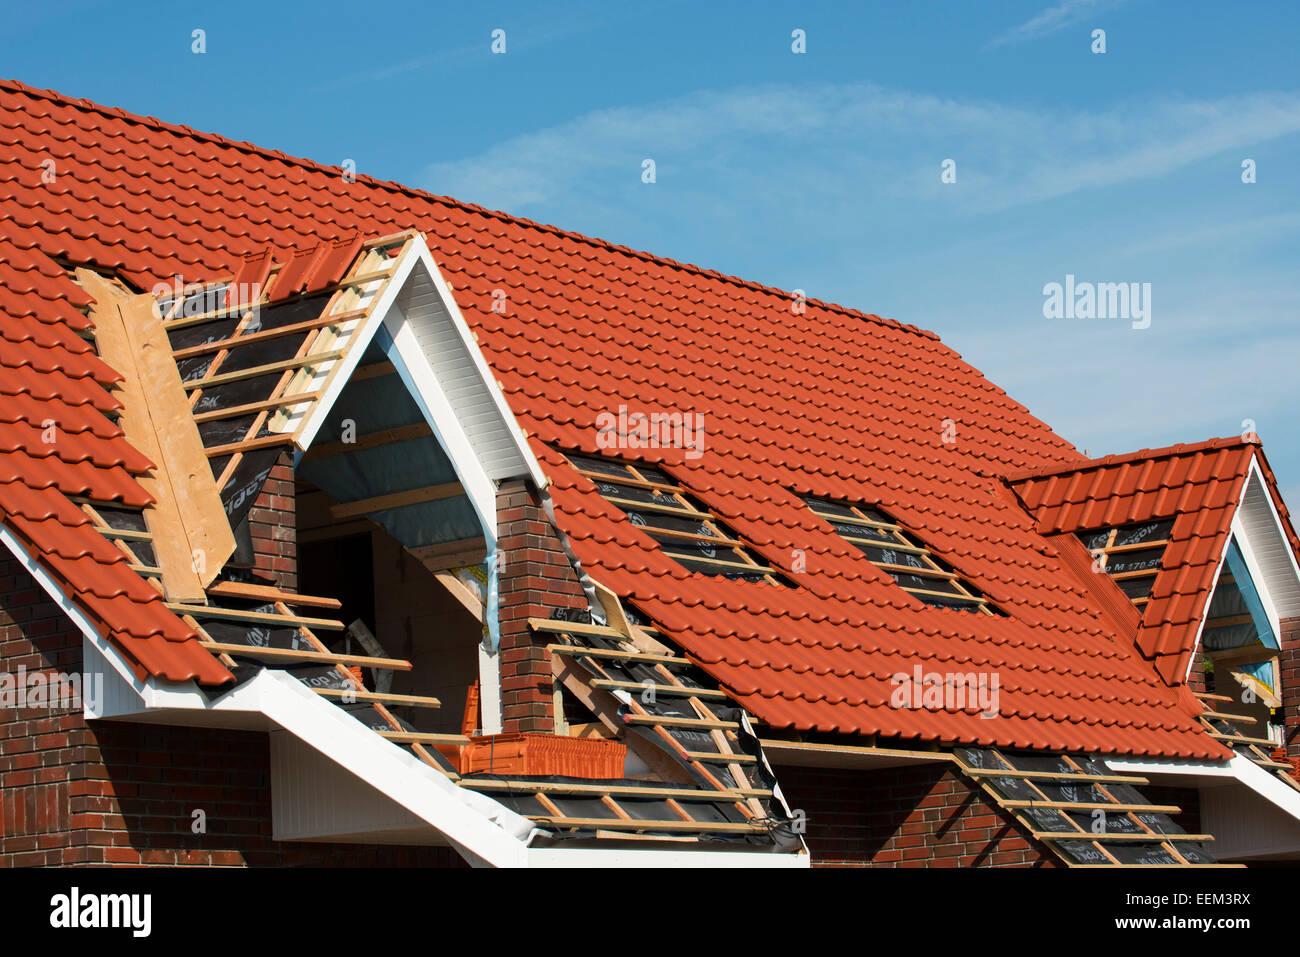 Abschluss der Dachstuhl eines neu erbauten Hauses, Aurich, Niedersachsen Stockbild